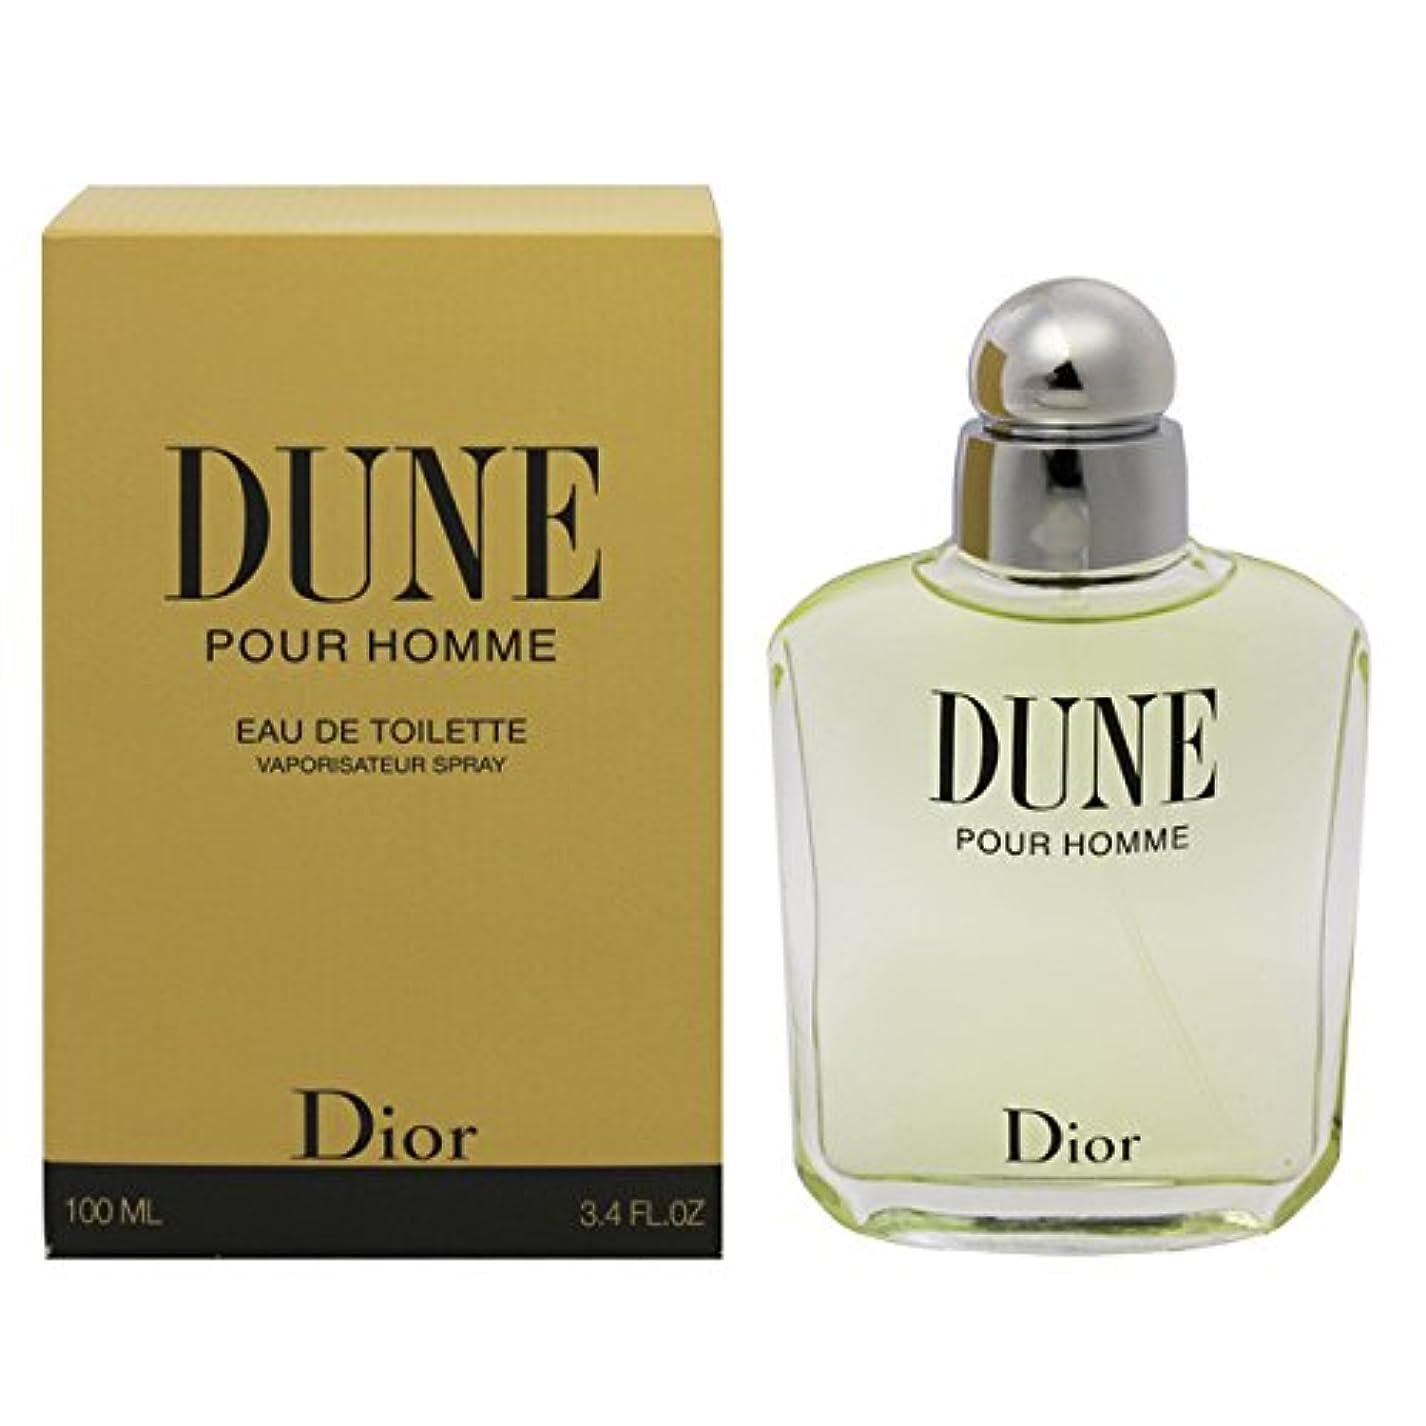 お母さん承知しました検証クリスチャン ディオール(Christian Dior) デューン プールオム EDT SP 100ml[並行輸入品]